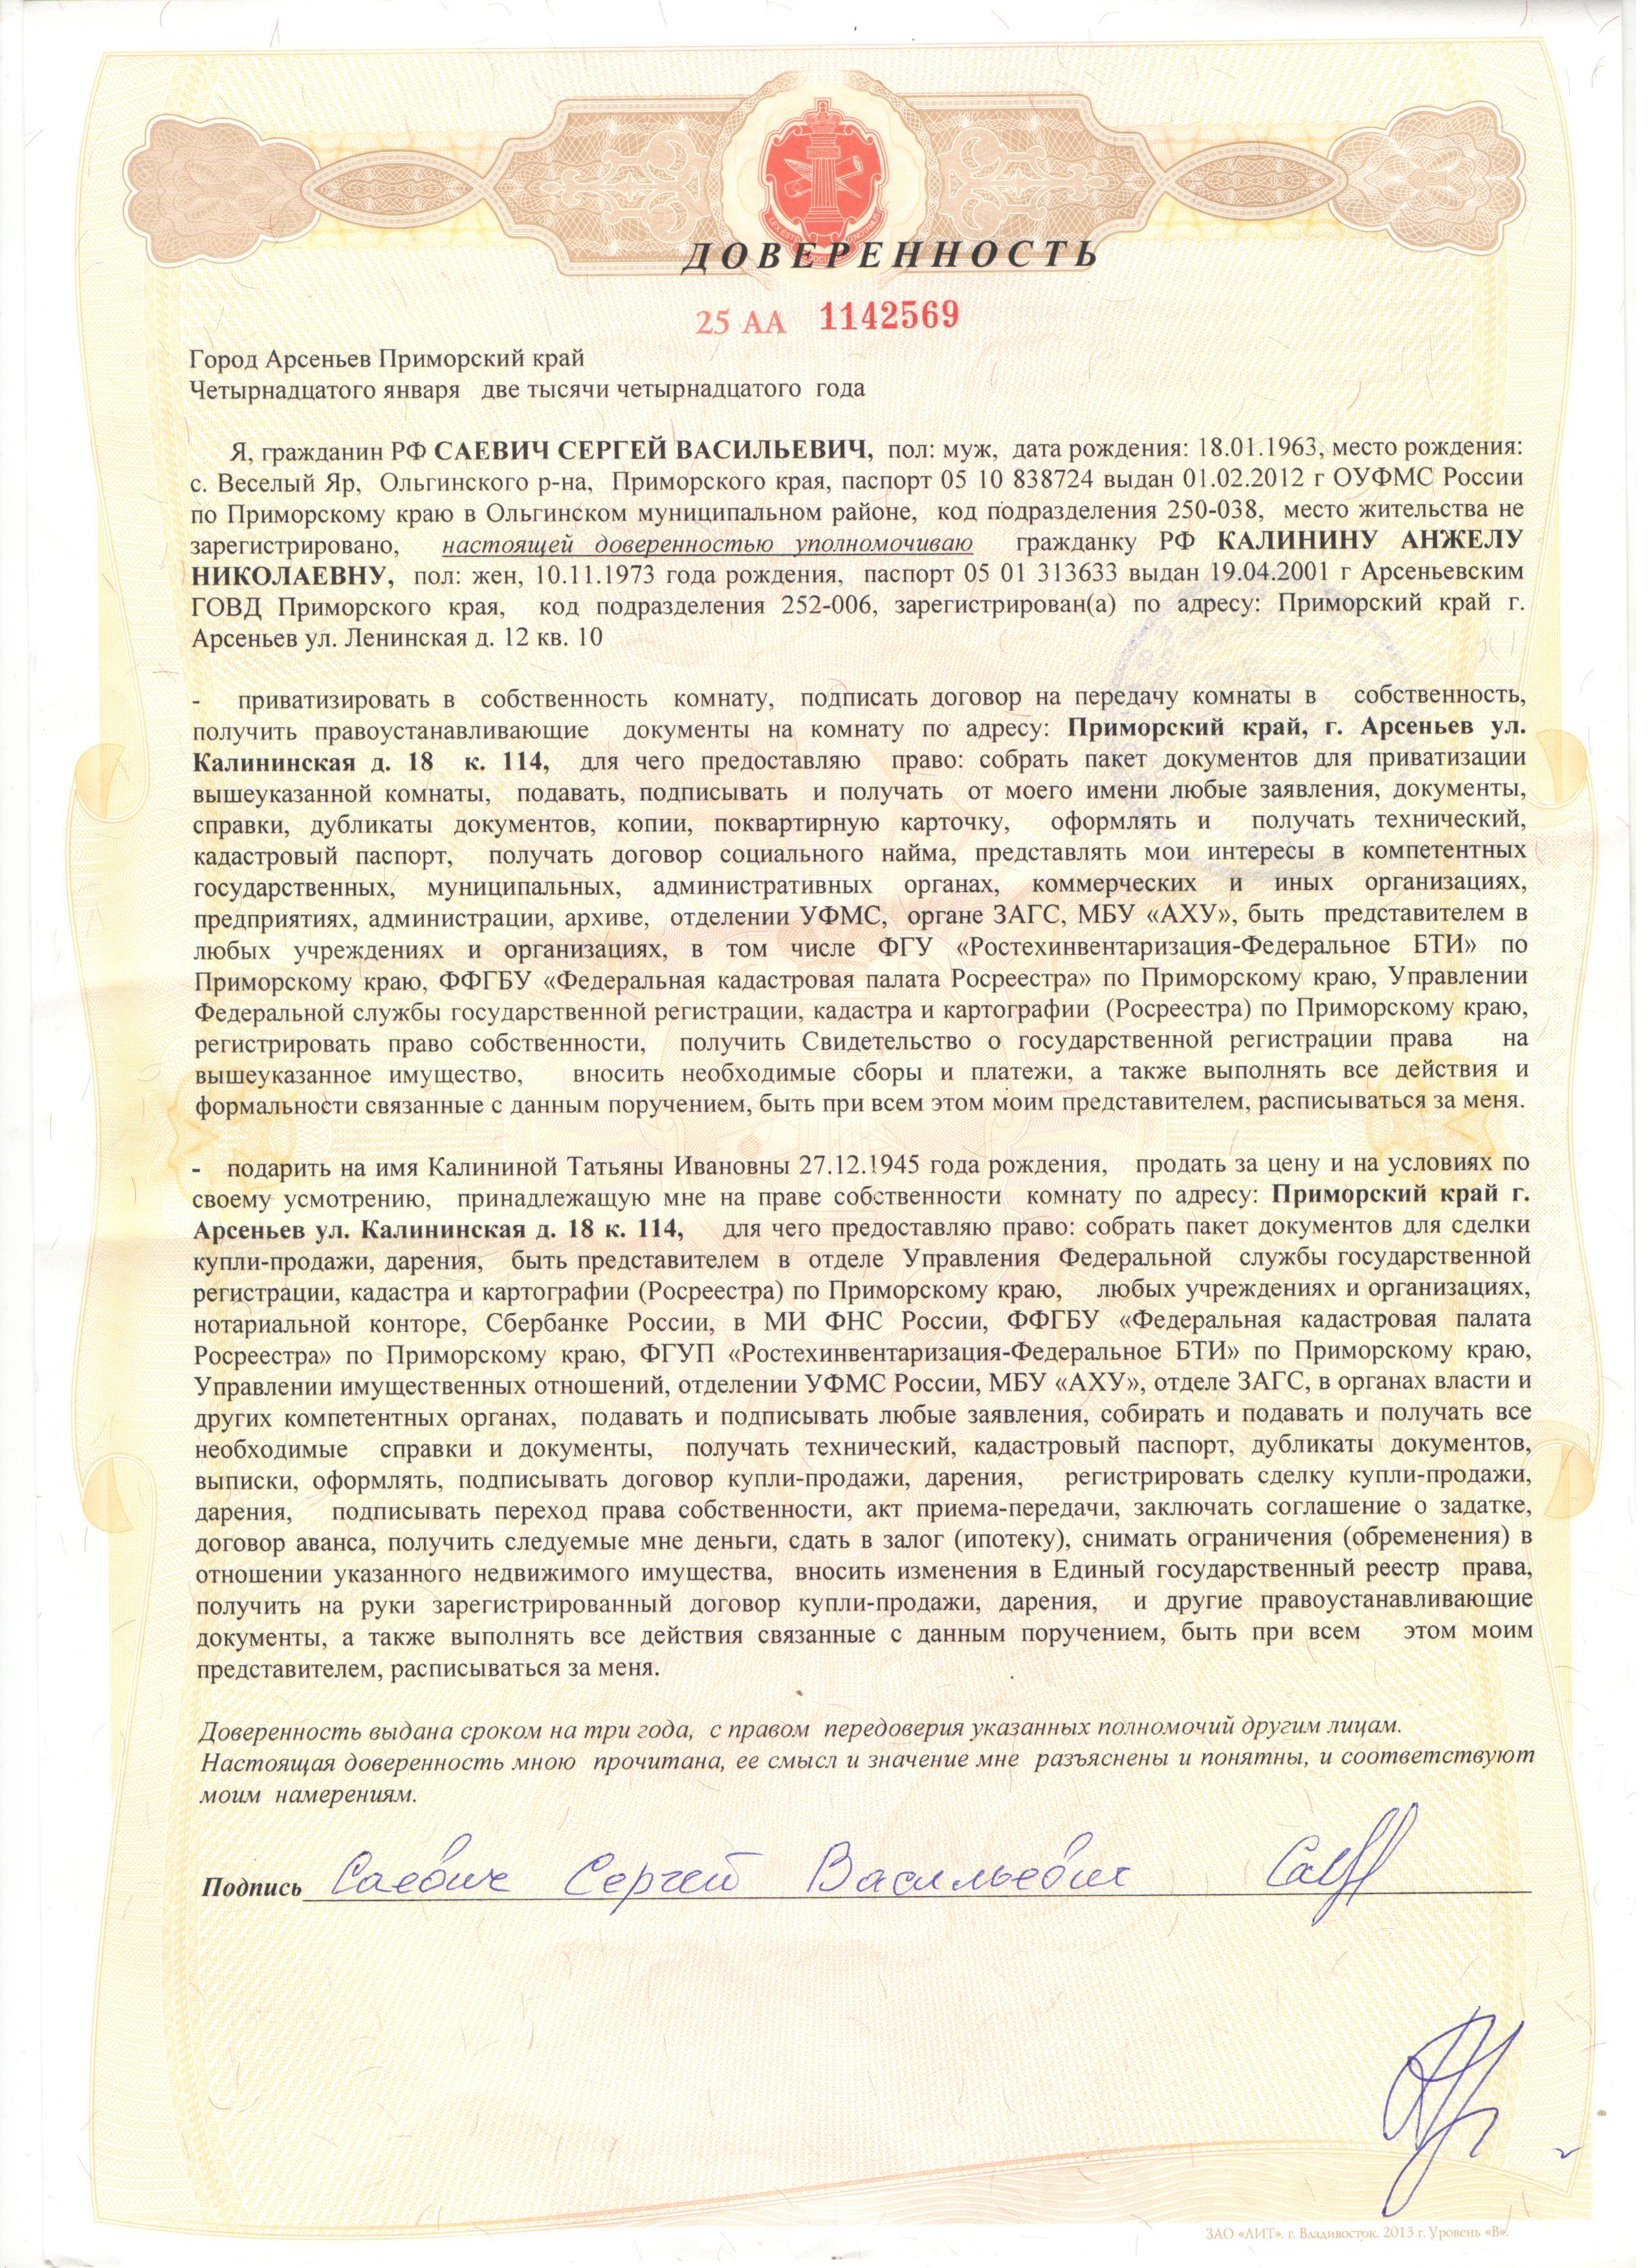 нотариальное заверение договора дарения доли квартиры